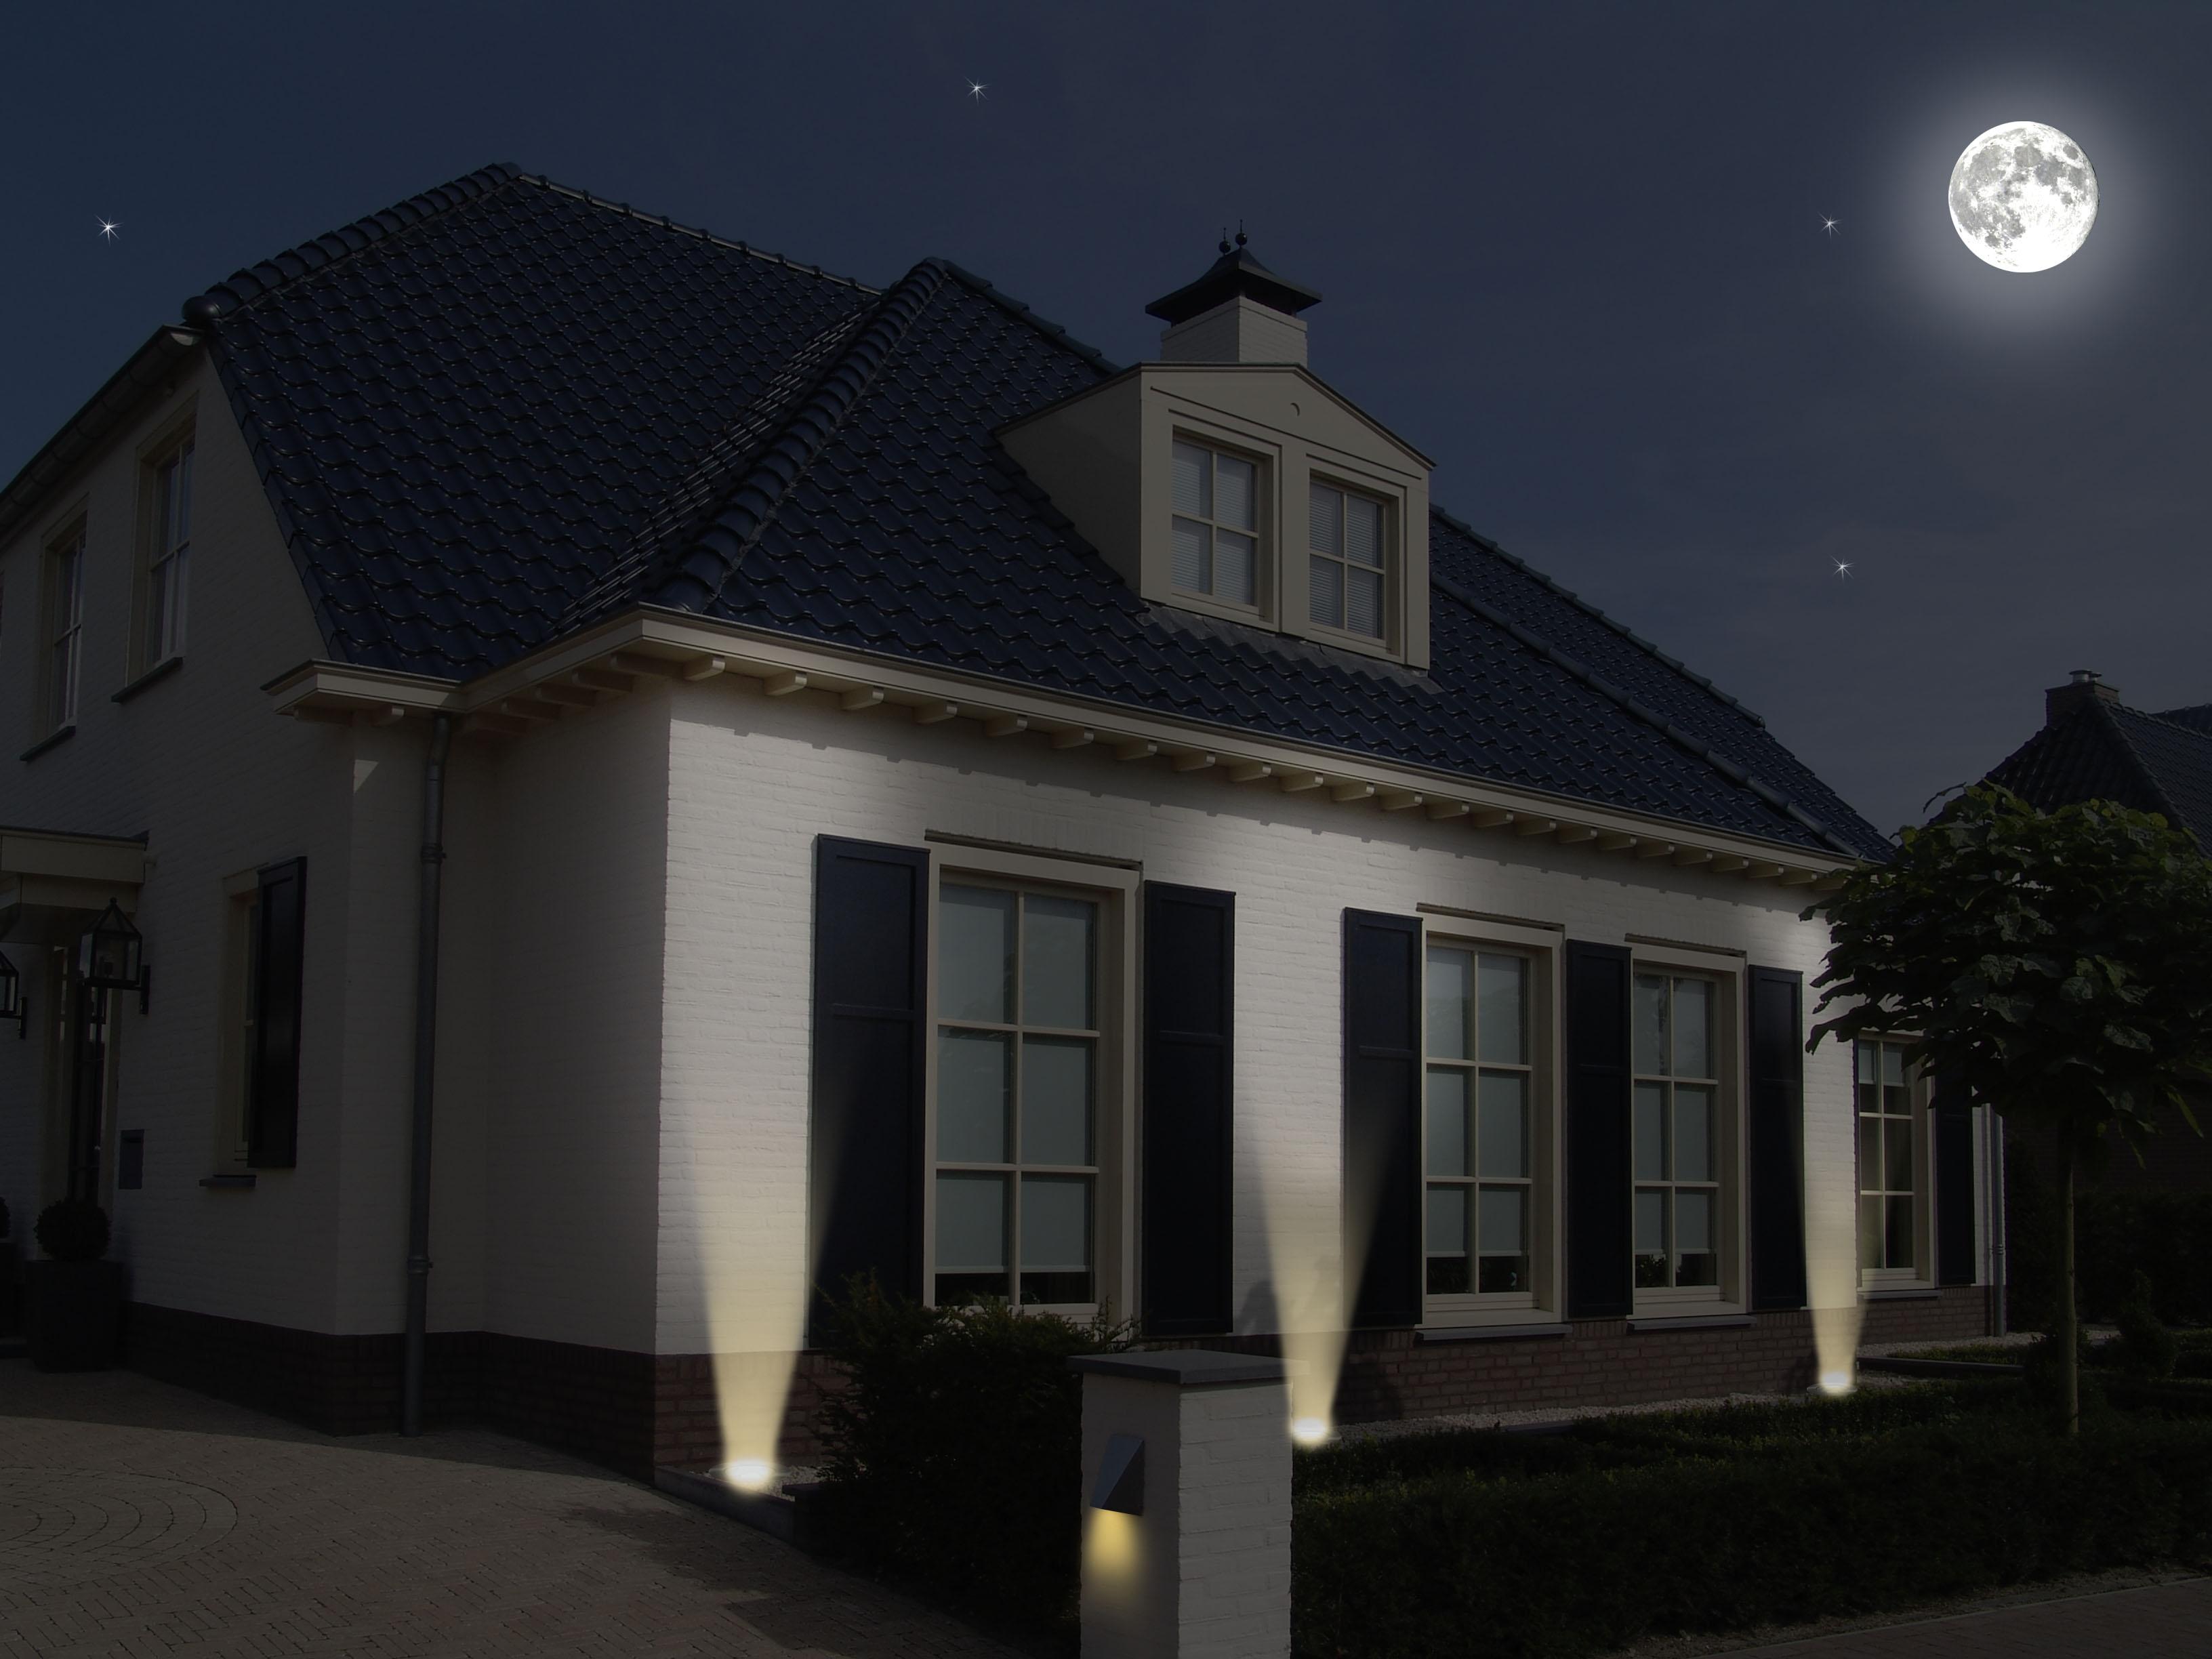 ranex led bodeneinbaustrahler f r au en rund. Black Bedroom Furniture Sets. Home Design Ideas